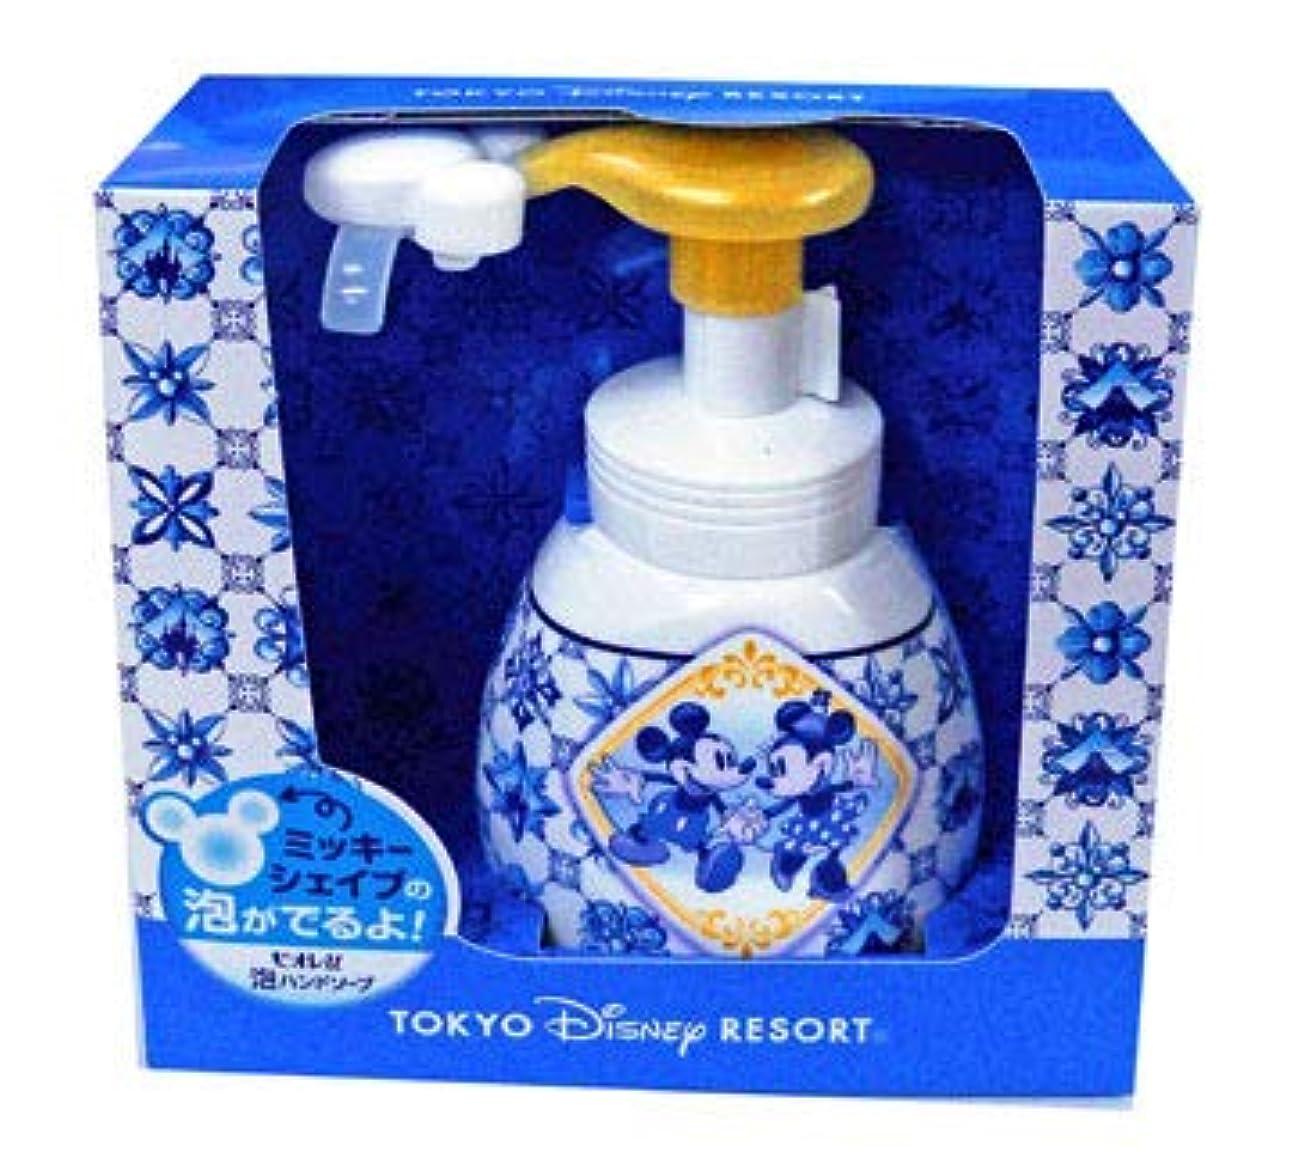 アレイ行商人海外で泡ハンドソープ(新デザイン) 東京ディズニーリゾート ミッキーとミニー柄  おみやげ